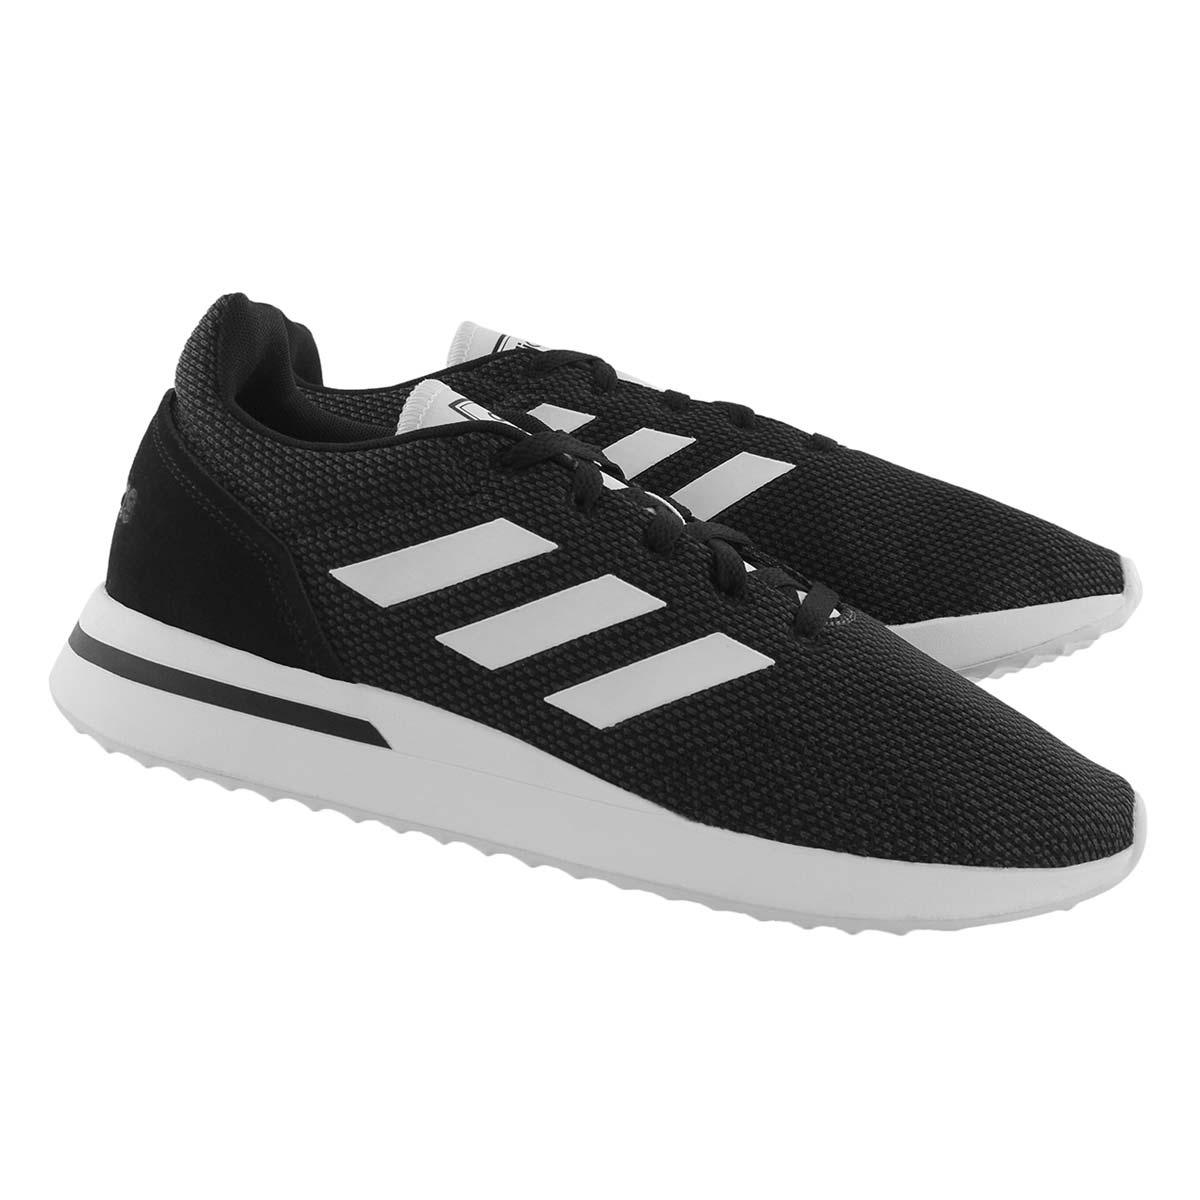 Mns Run705 black/white running shoe